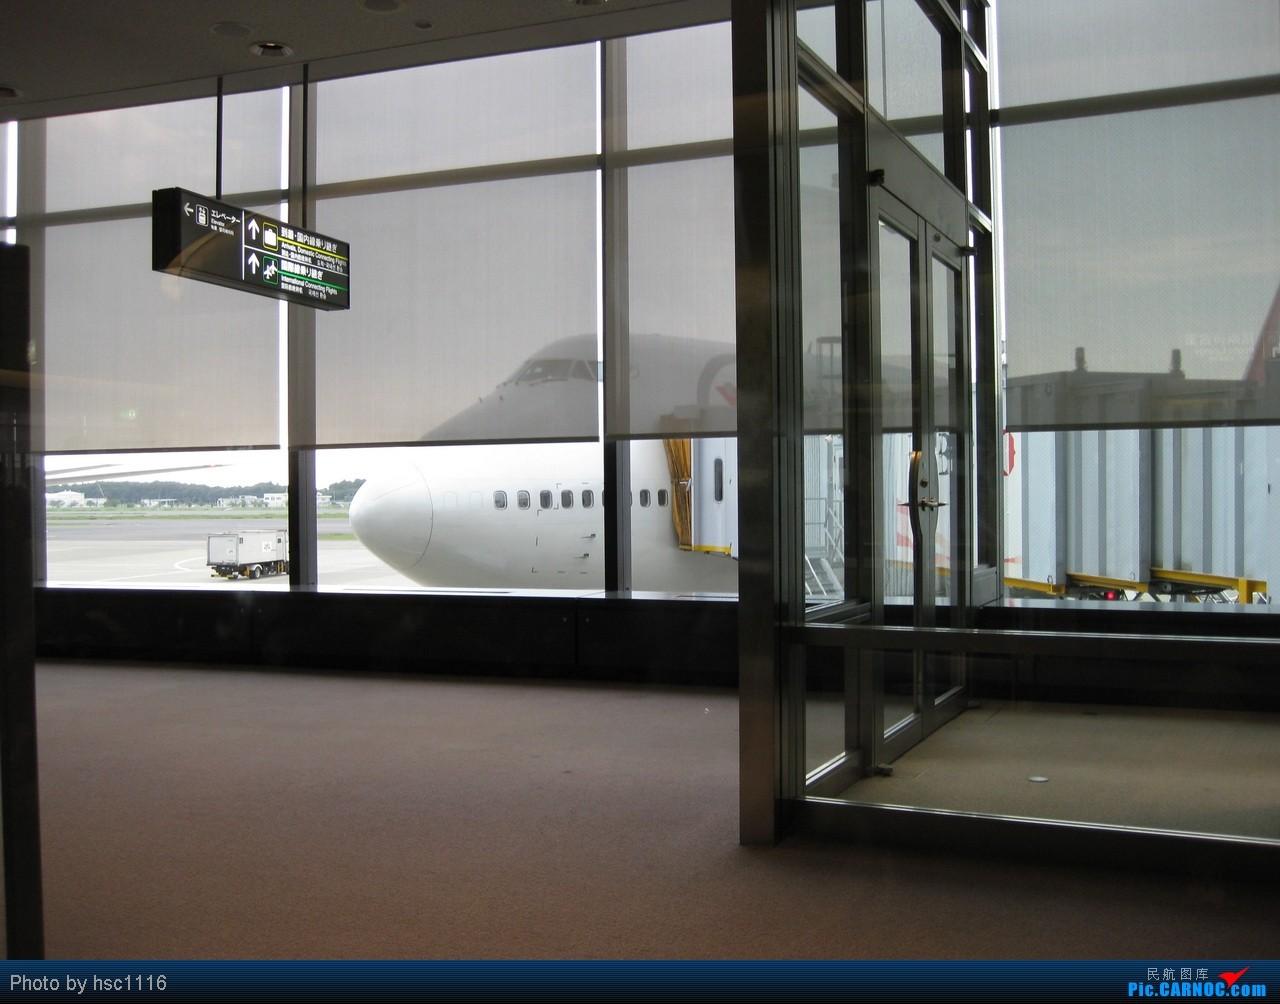 [原创]首次上一张图 BOEING 747-400  Japan TOKYO NARITA